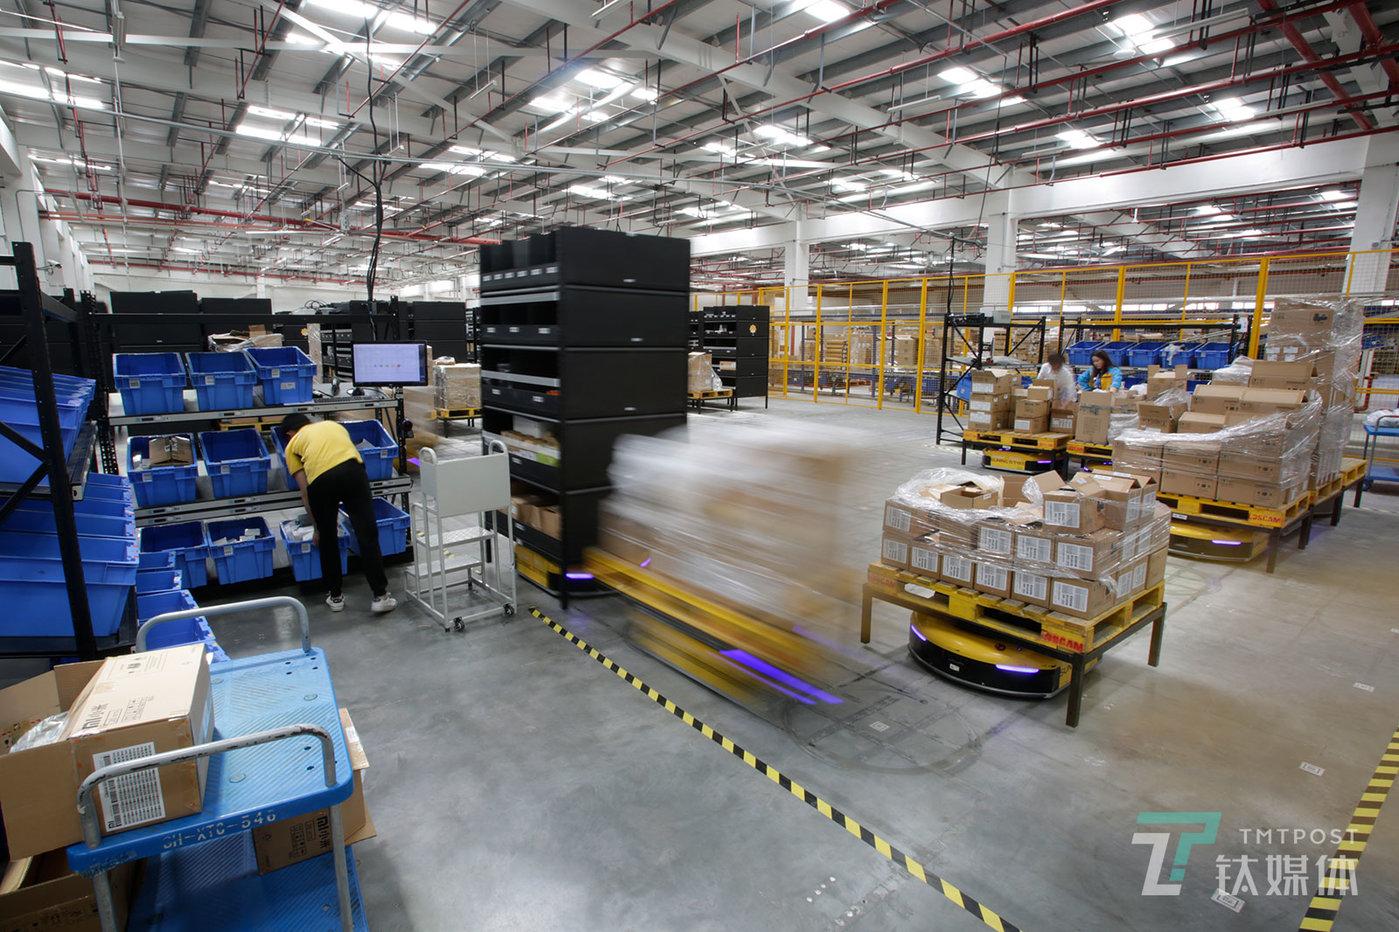 """【我和机器人同事】5月11日,上海,苏宁3C仓库,AGV物流机器人排队往拣货工作站运送货架。AGV物流机器人用""""货到人""""的方式改变了传统电商仓库""""人到货""""的拣选方式。"""